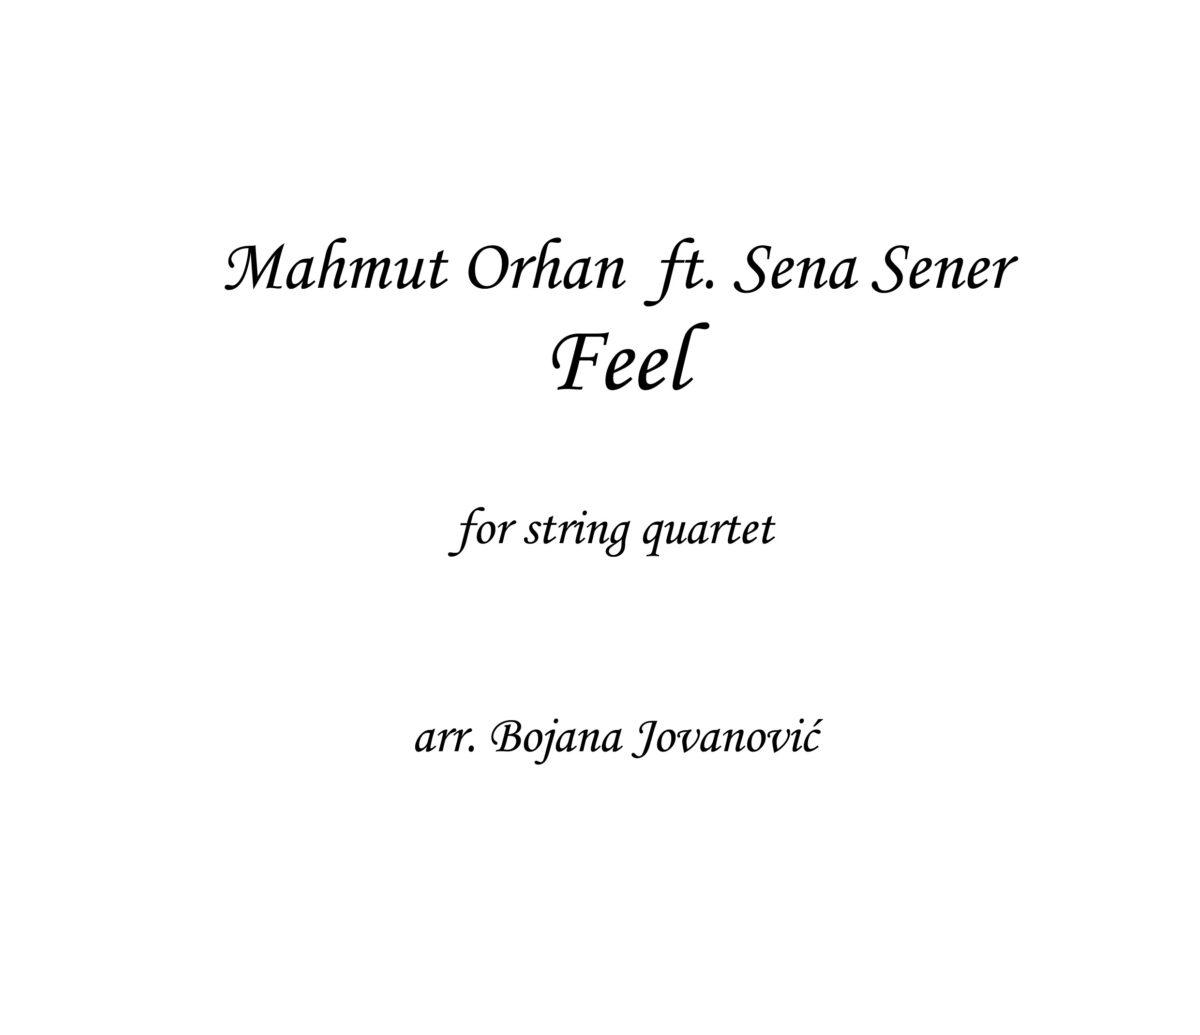 Feel Mahmut Orhan Sheet Music (Mahmut Orhan ft Sena Sener)